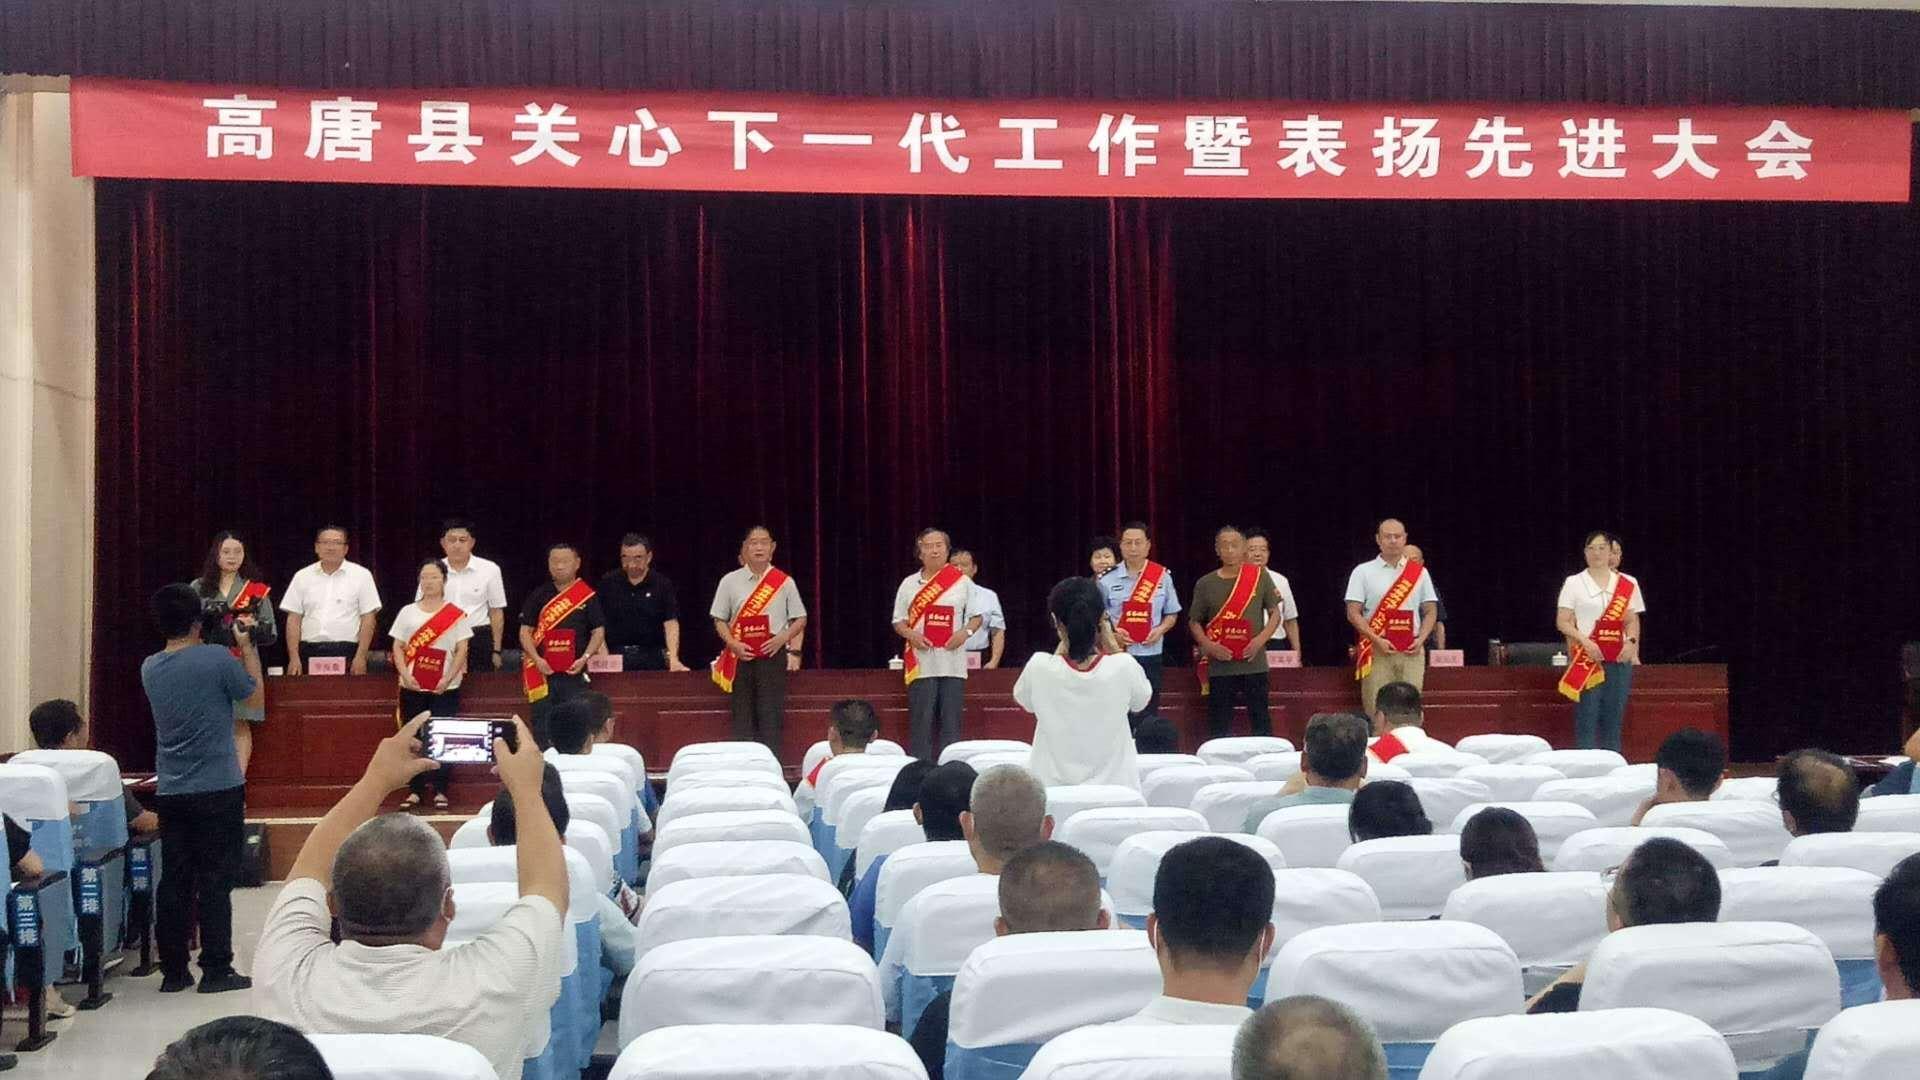 中国公益在线高唐工作站获得表彰